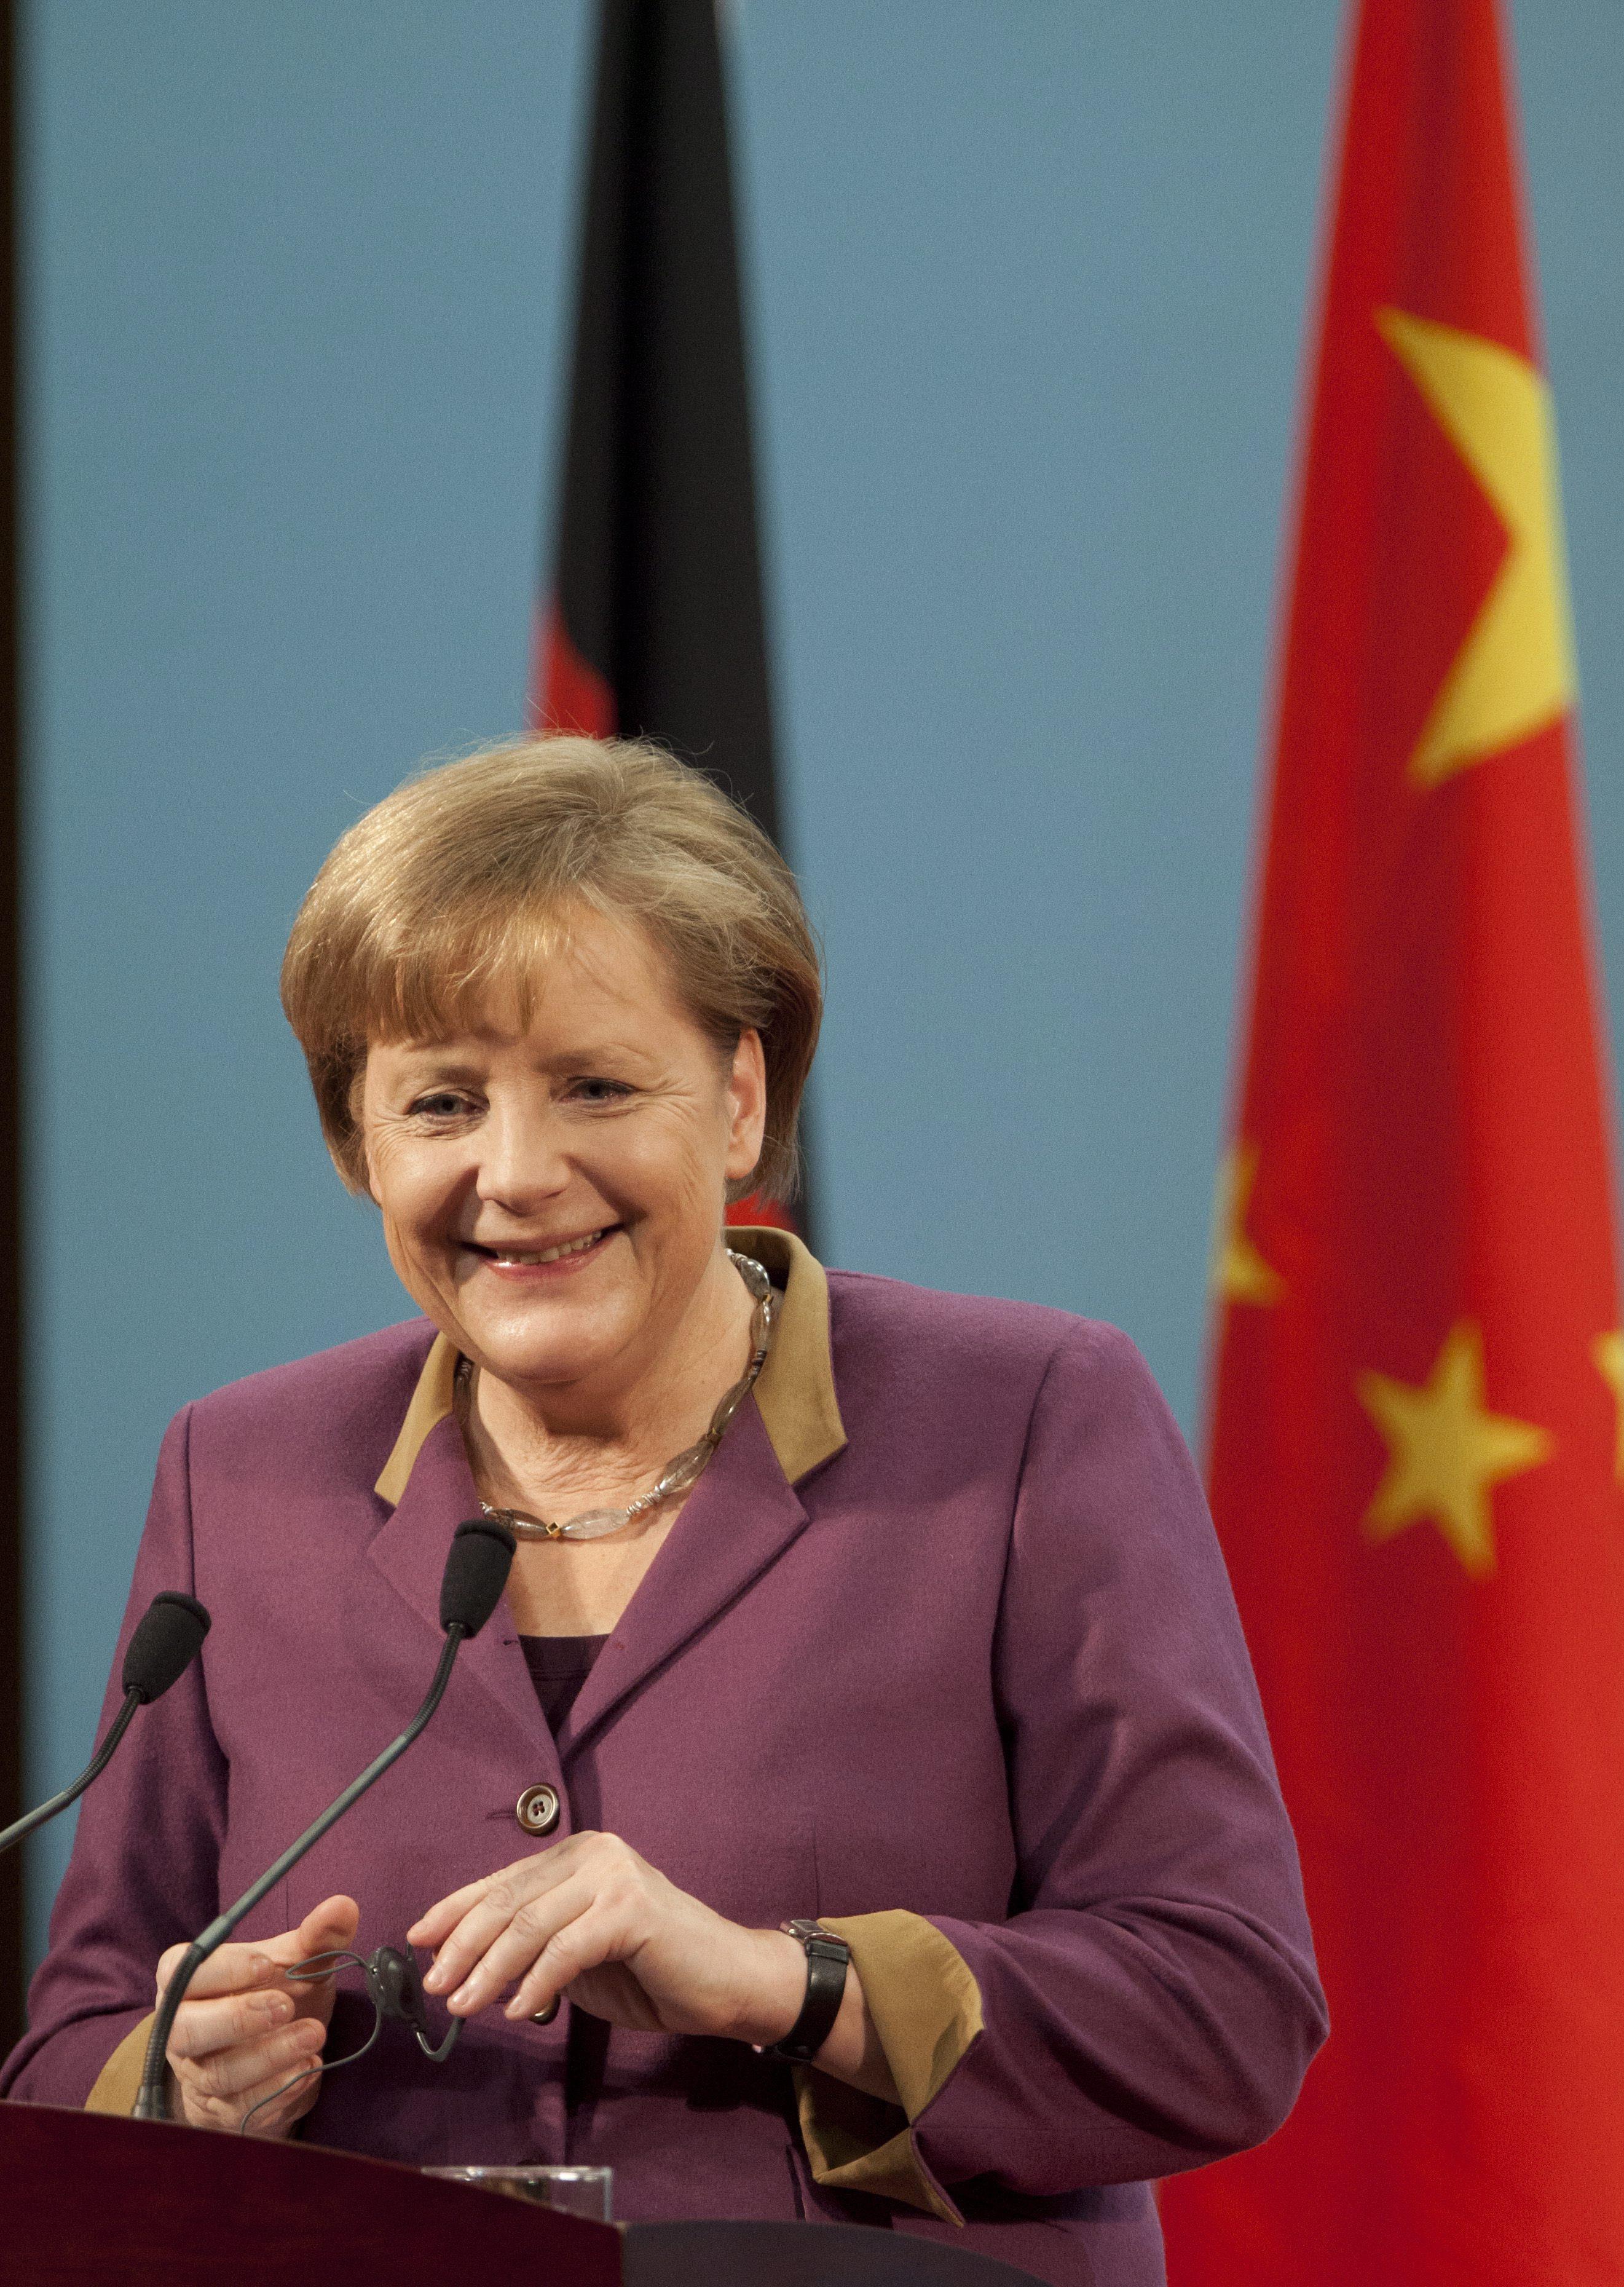 Меркел иска растеж чрез реформи, а не с дългове